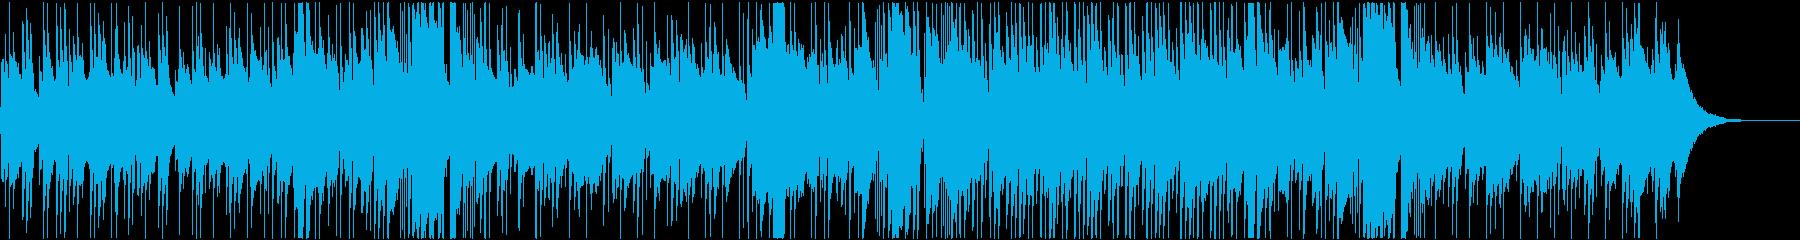 ゆったり爽やかアコースティック曲 aの再生済みの波形